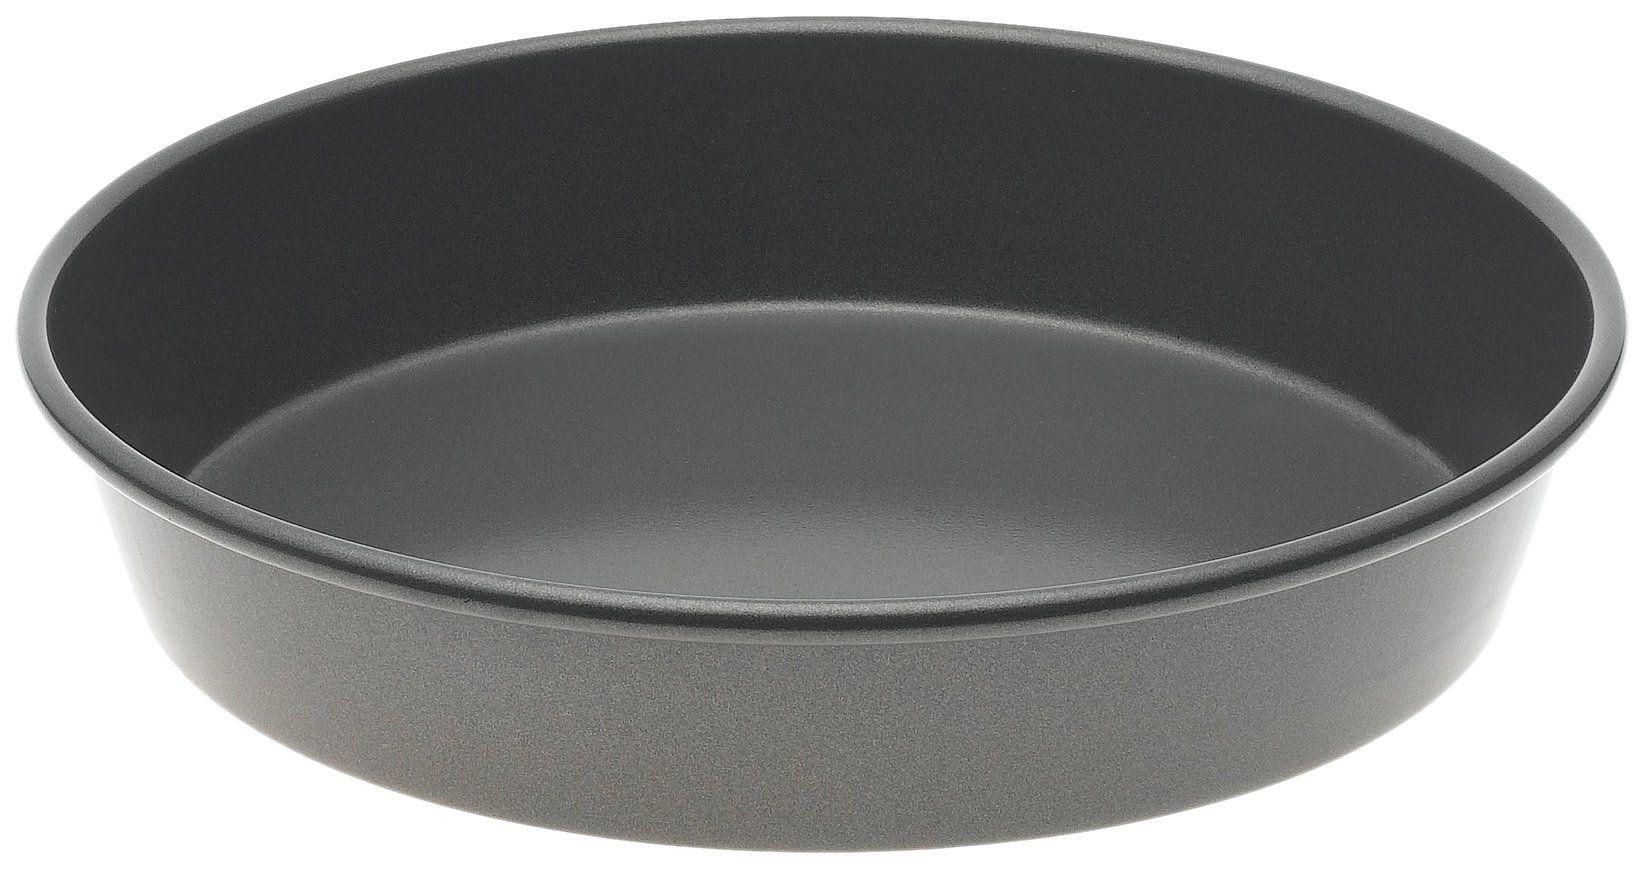 Baking clipart baking pan. Sheet google search brainstorming